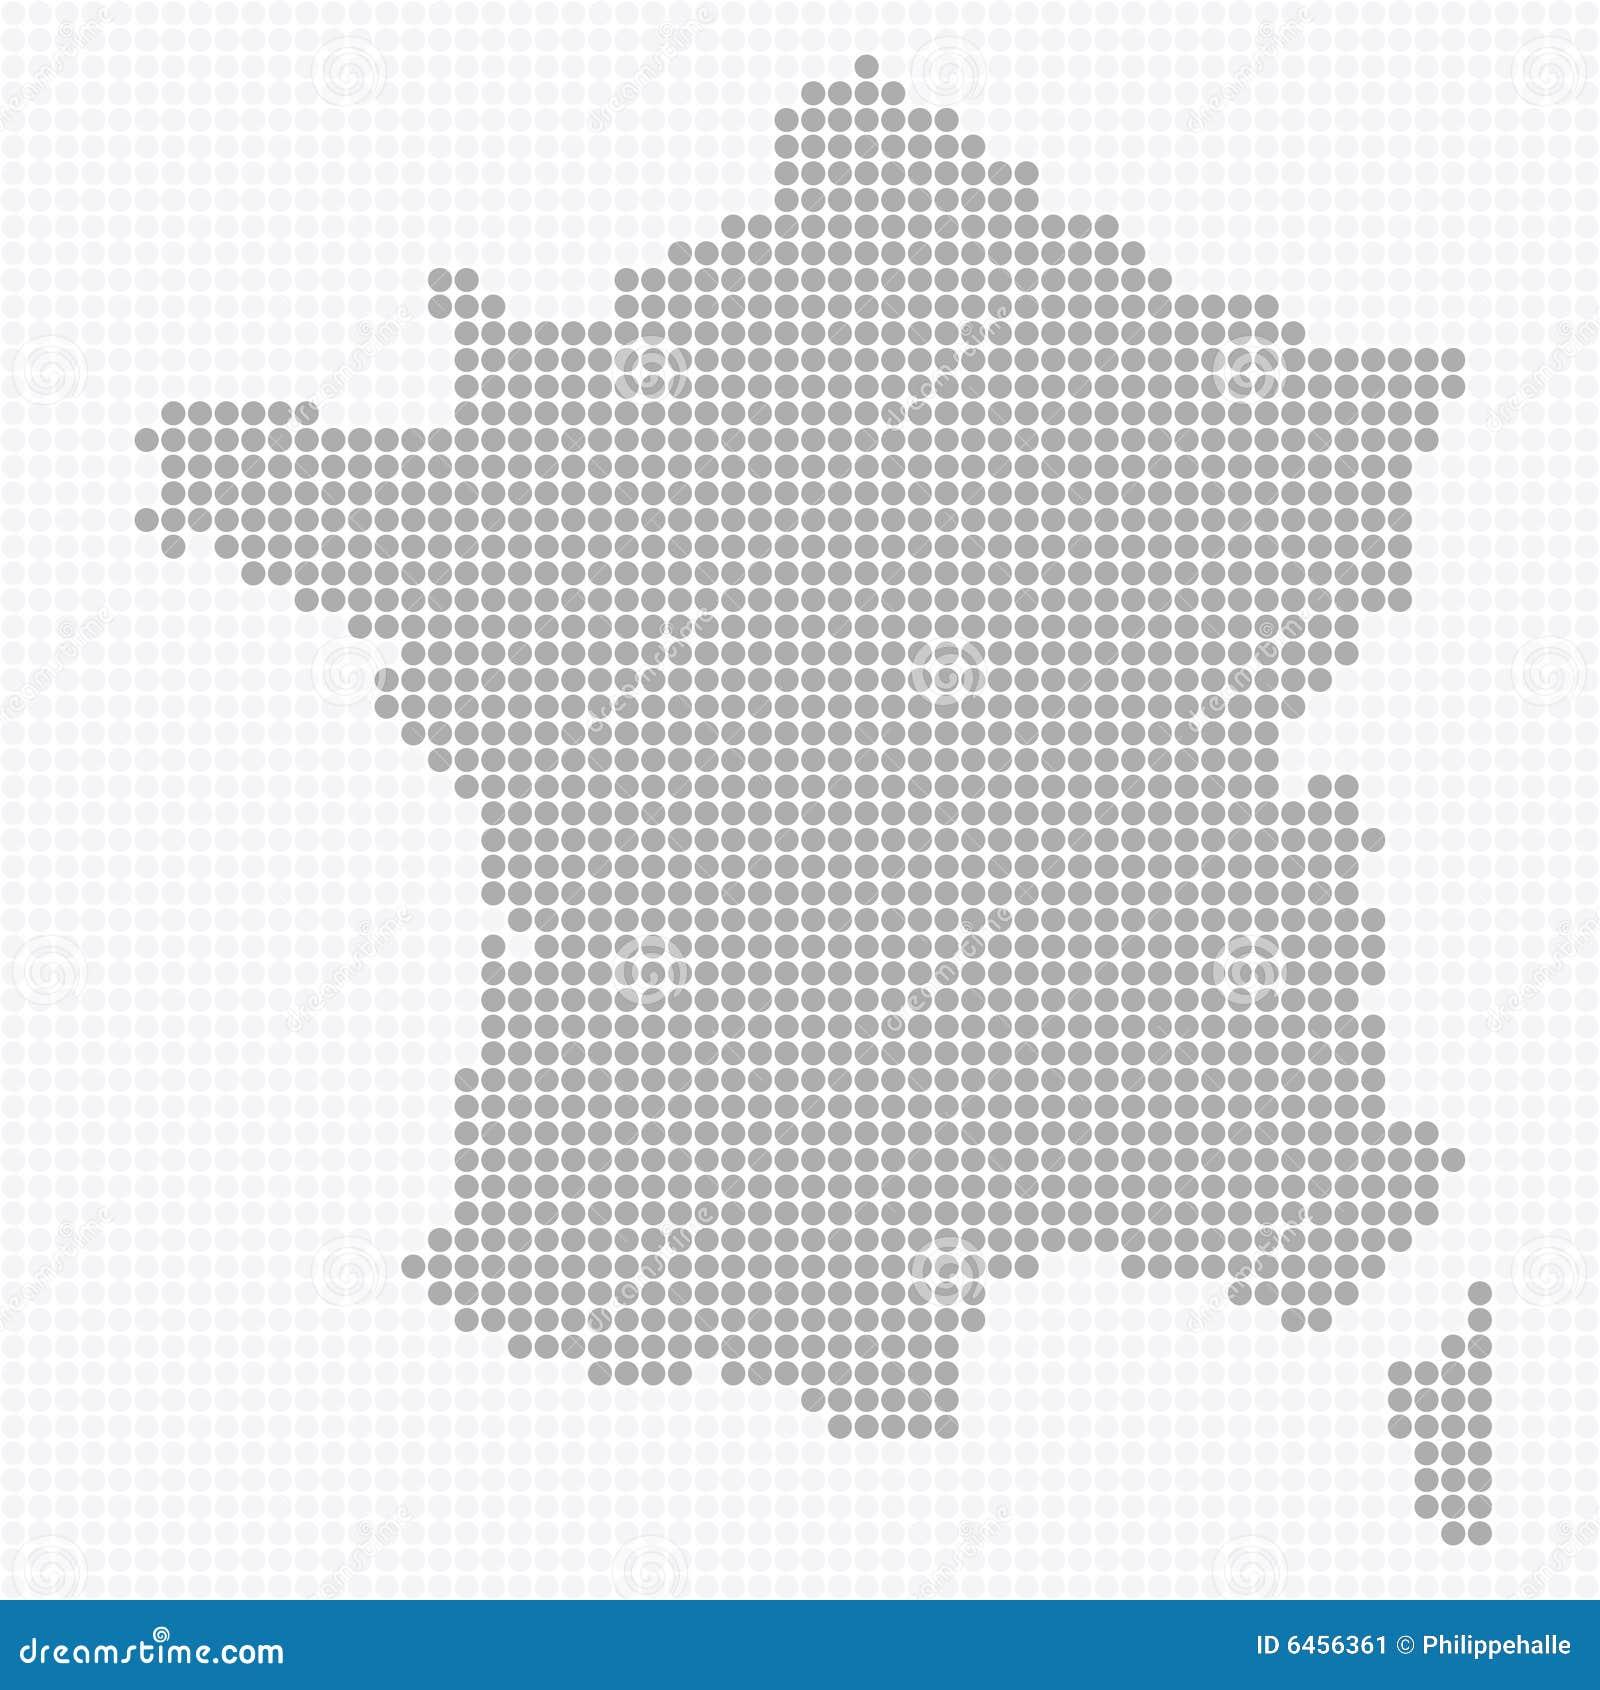 France kropkowana mapa